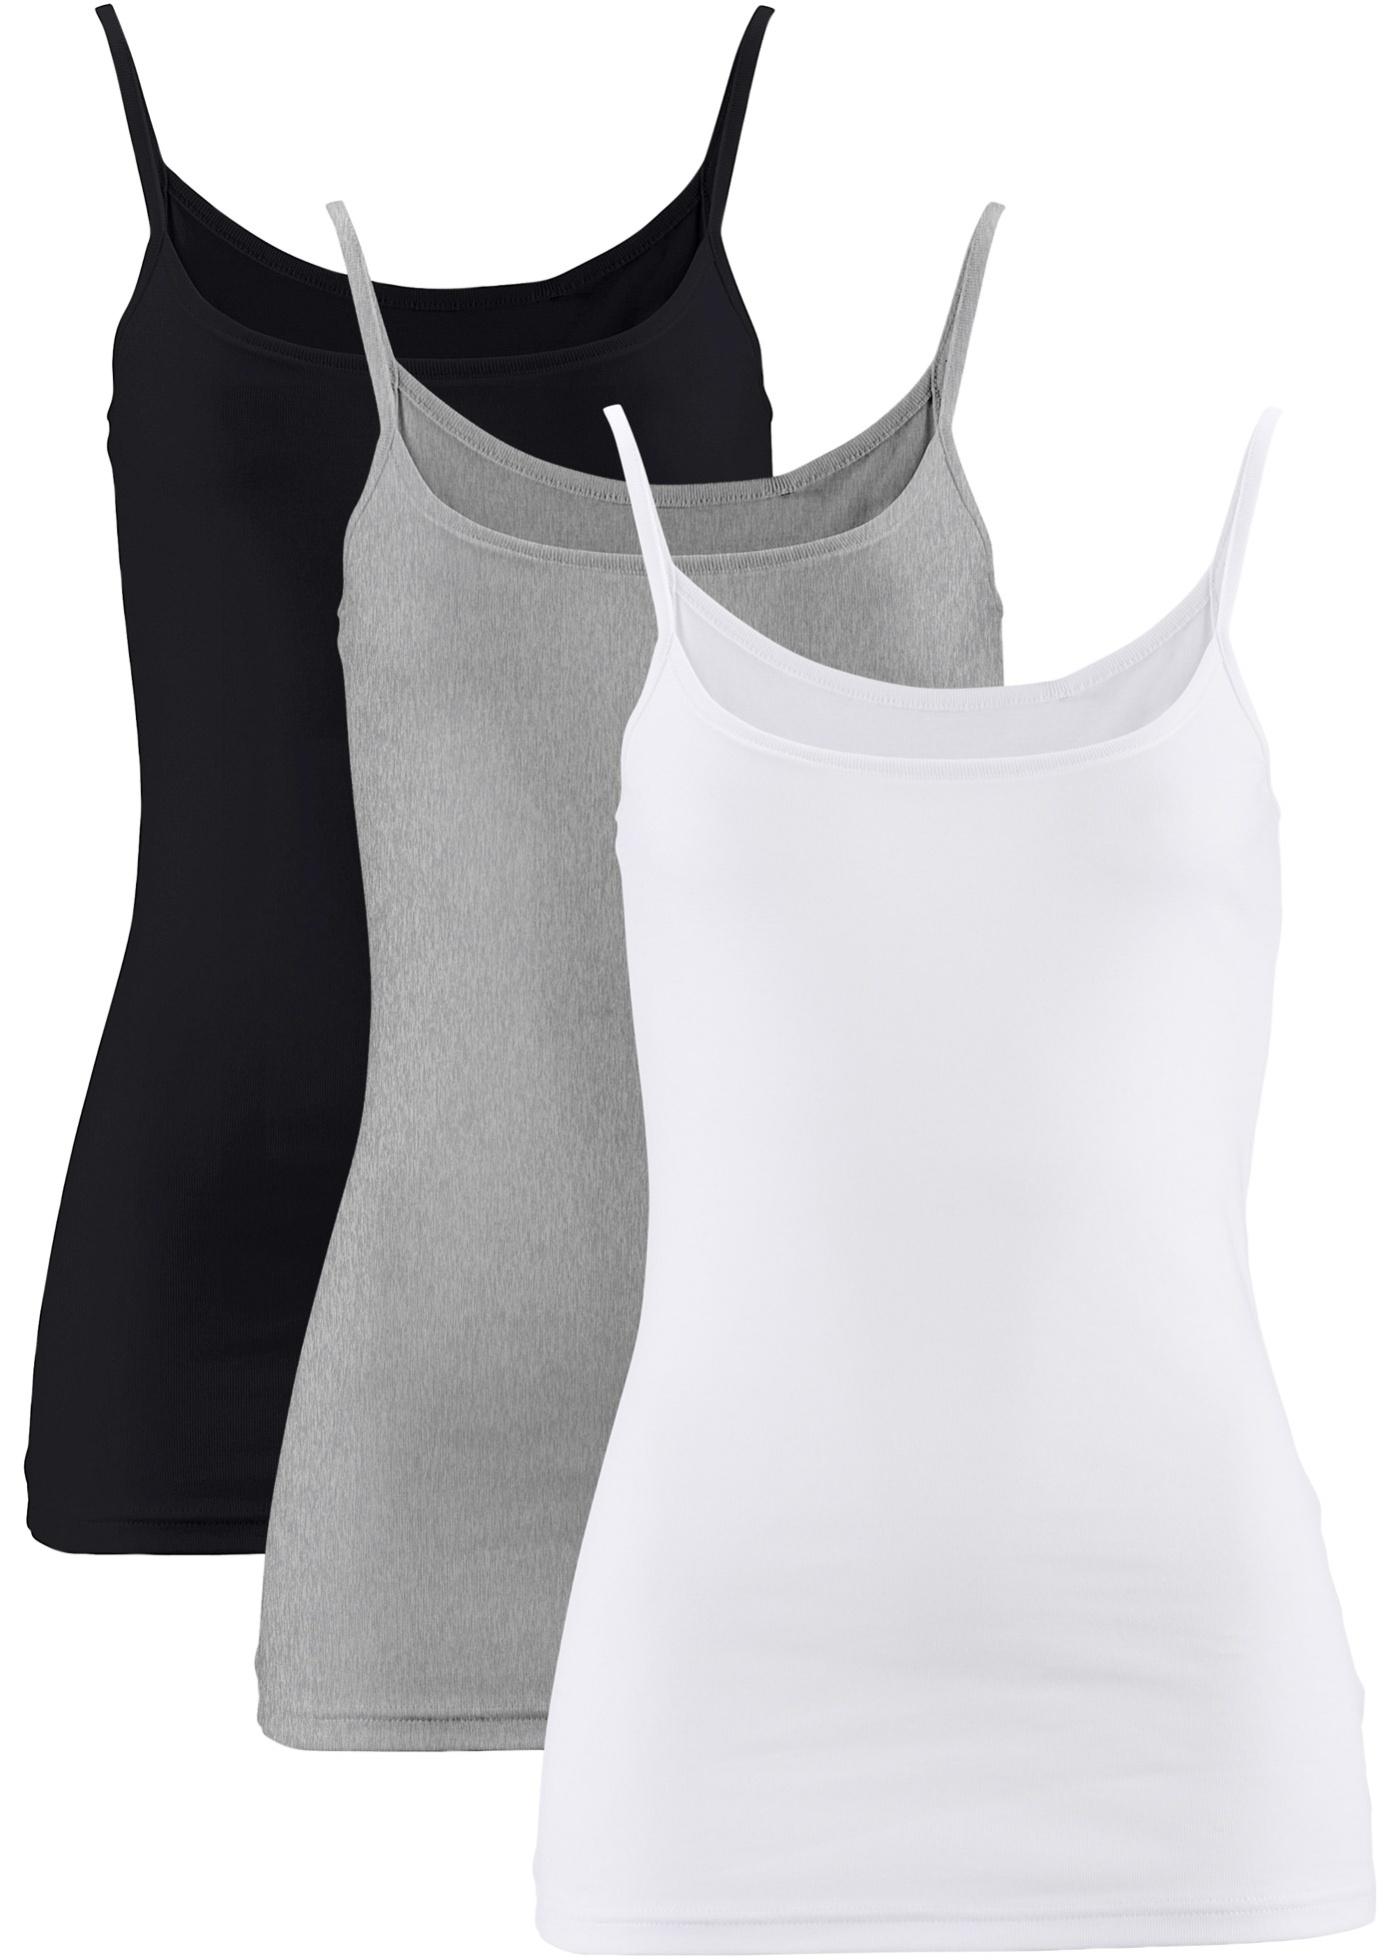 Blanc Bonprix Tops Manches 3 Bpc De Pour Femme Sans CollectionLot N8PX0ZwknO